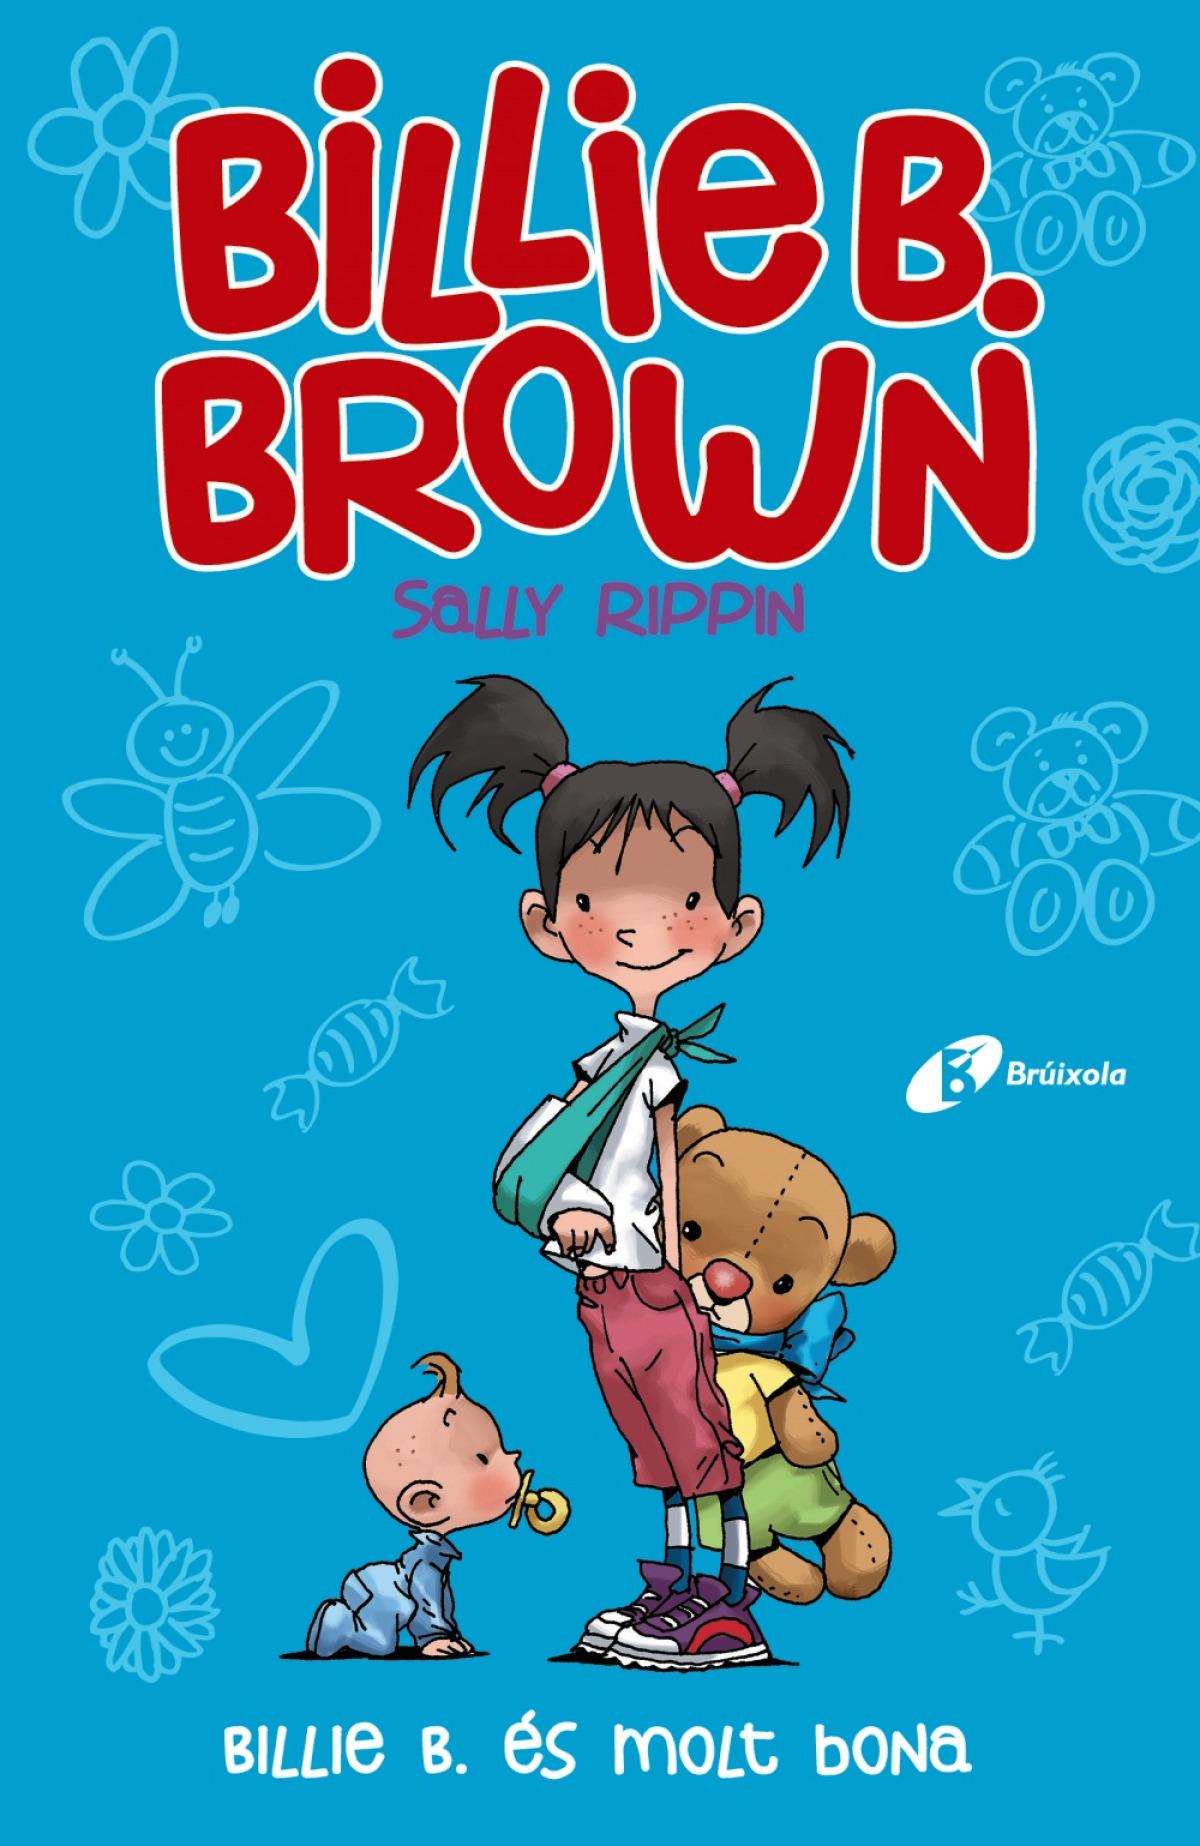 Billie B. Brown, 5. Billie B. és molt bona